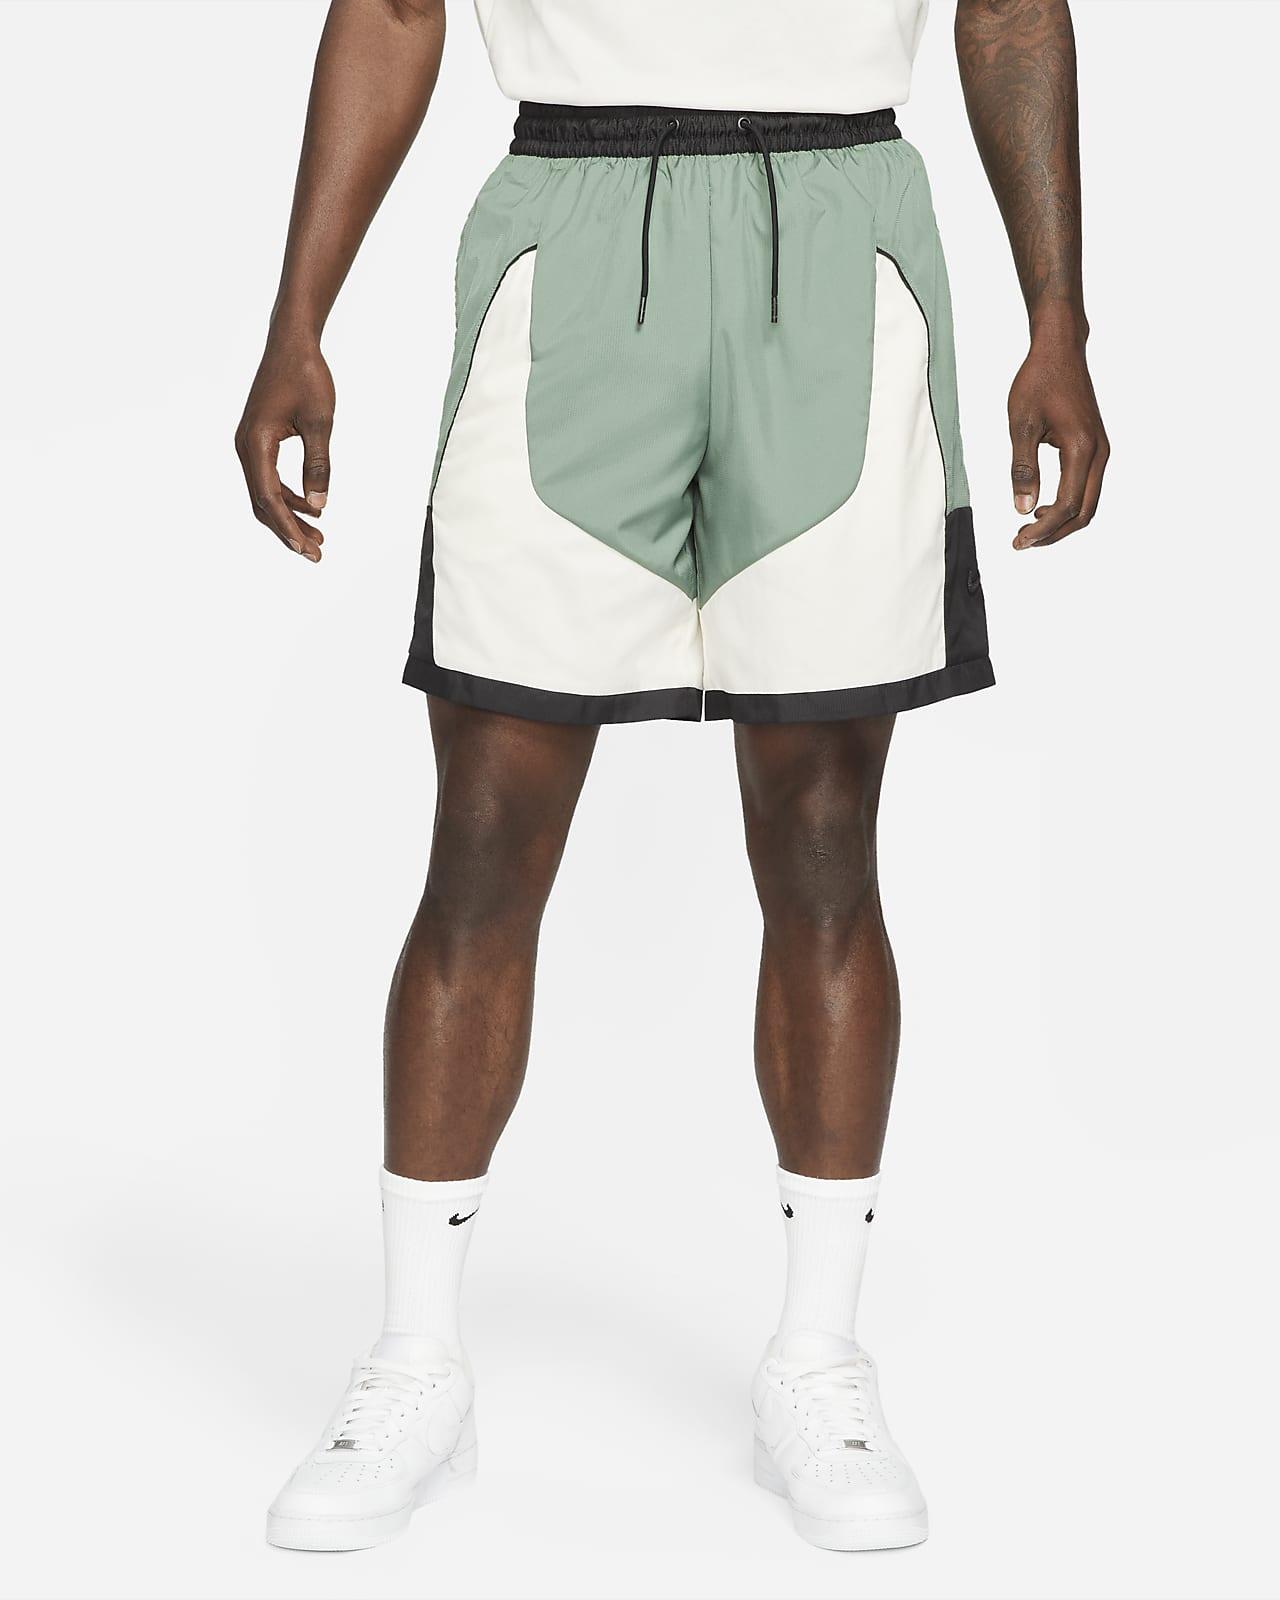 Shorts de básquetbol para hombre Nike Throwback